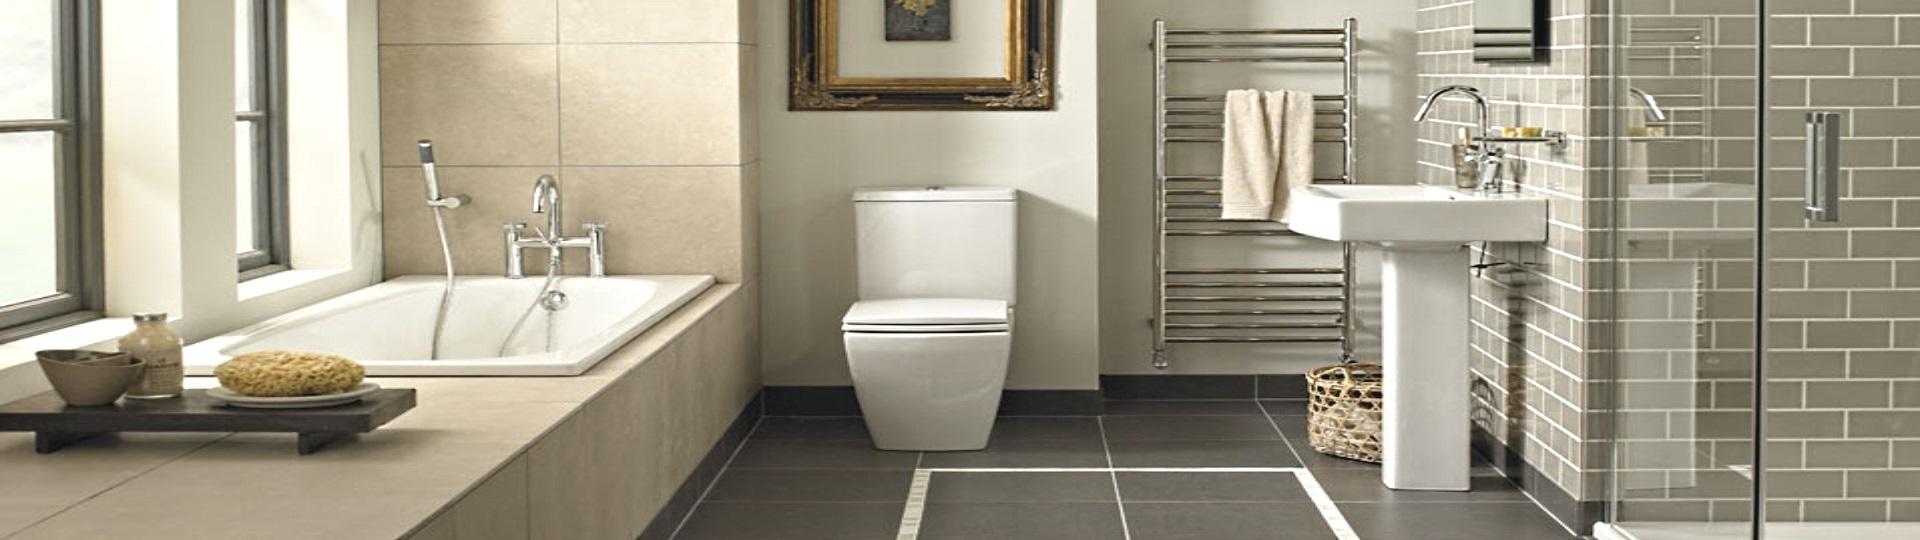 Bathroom Sanitary Plumbing